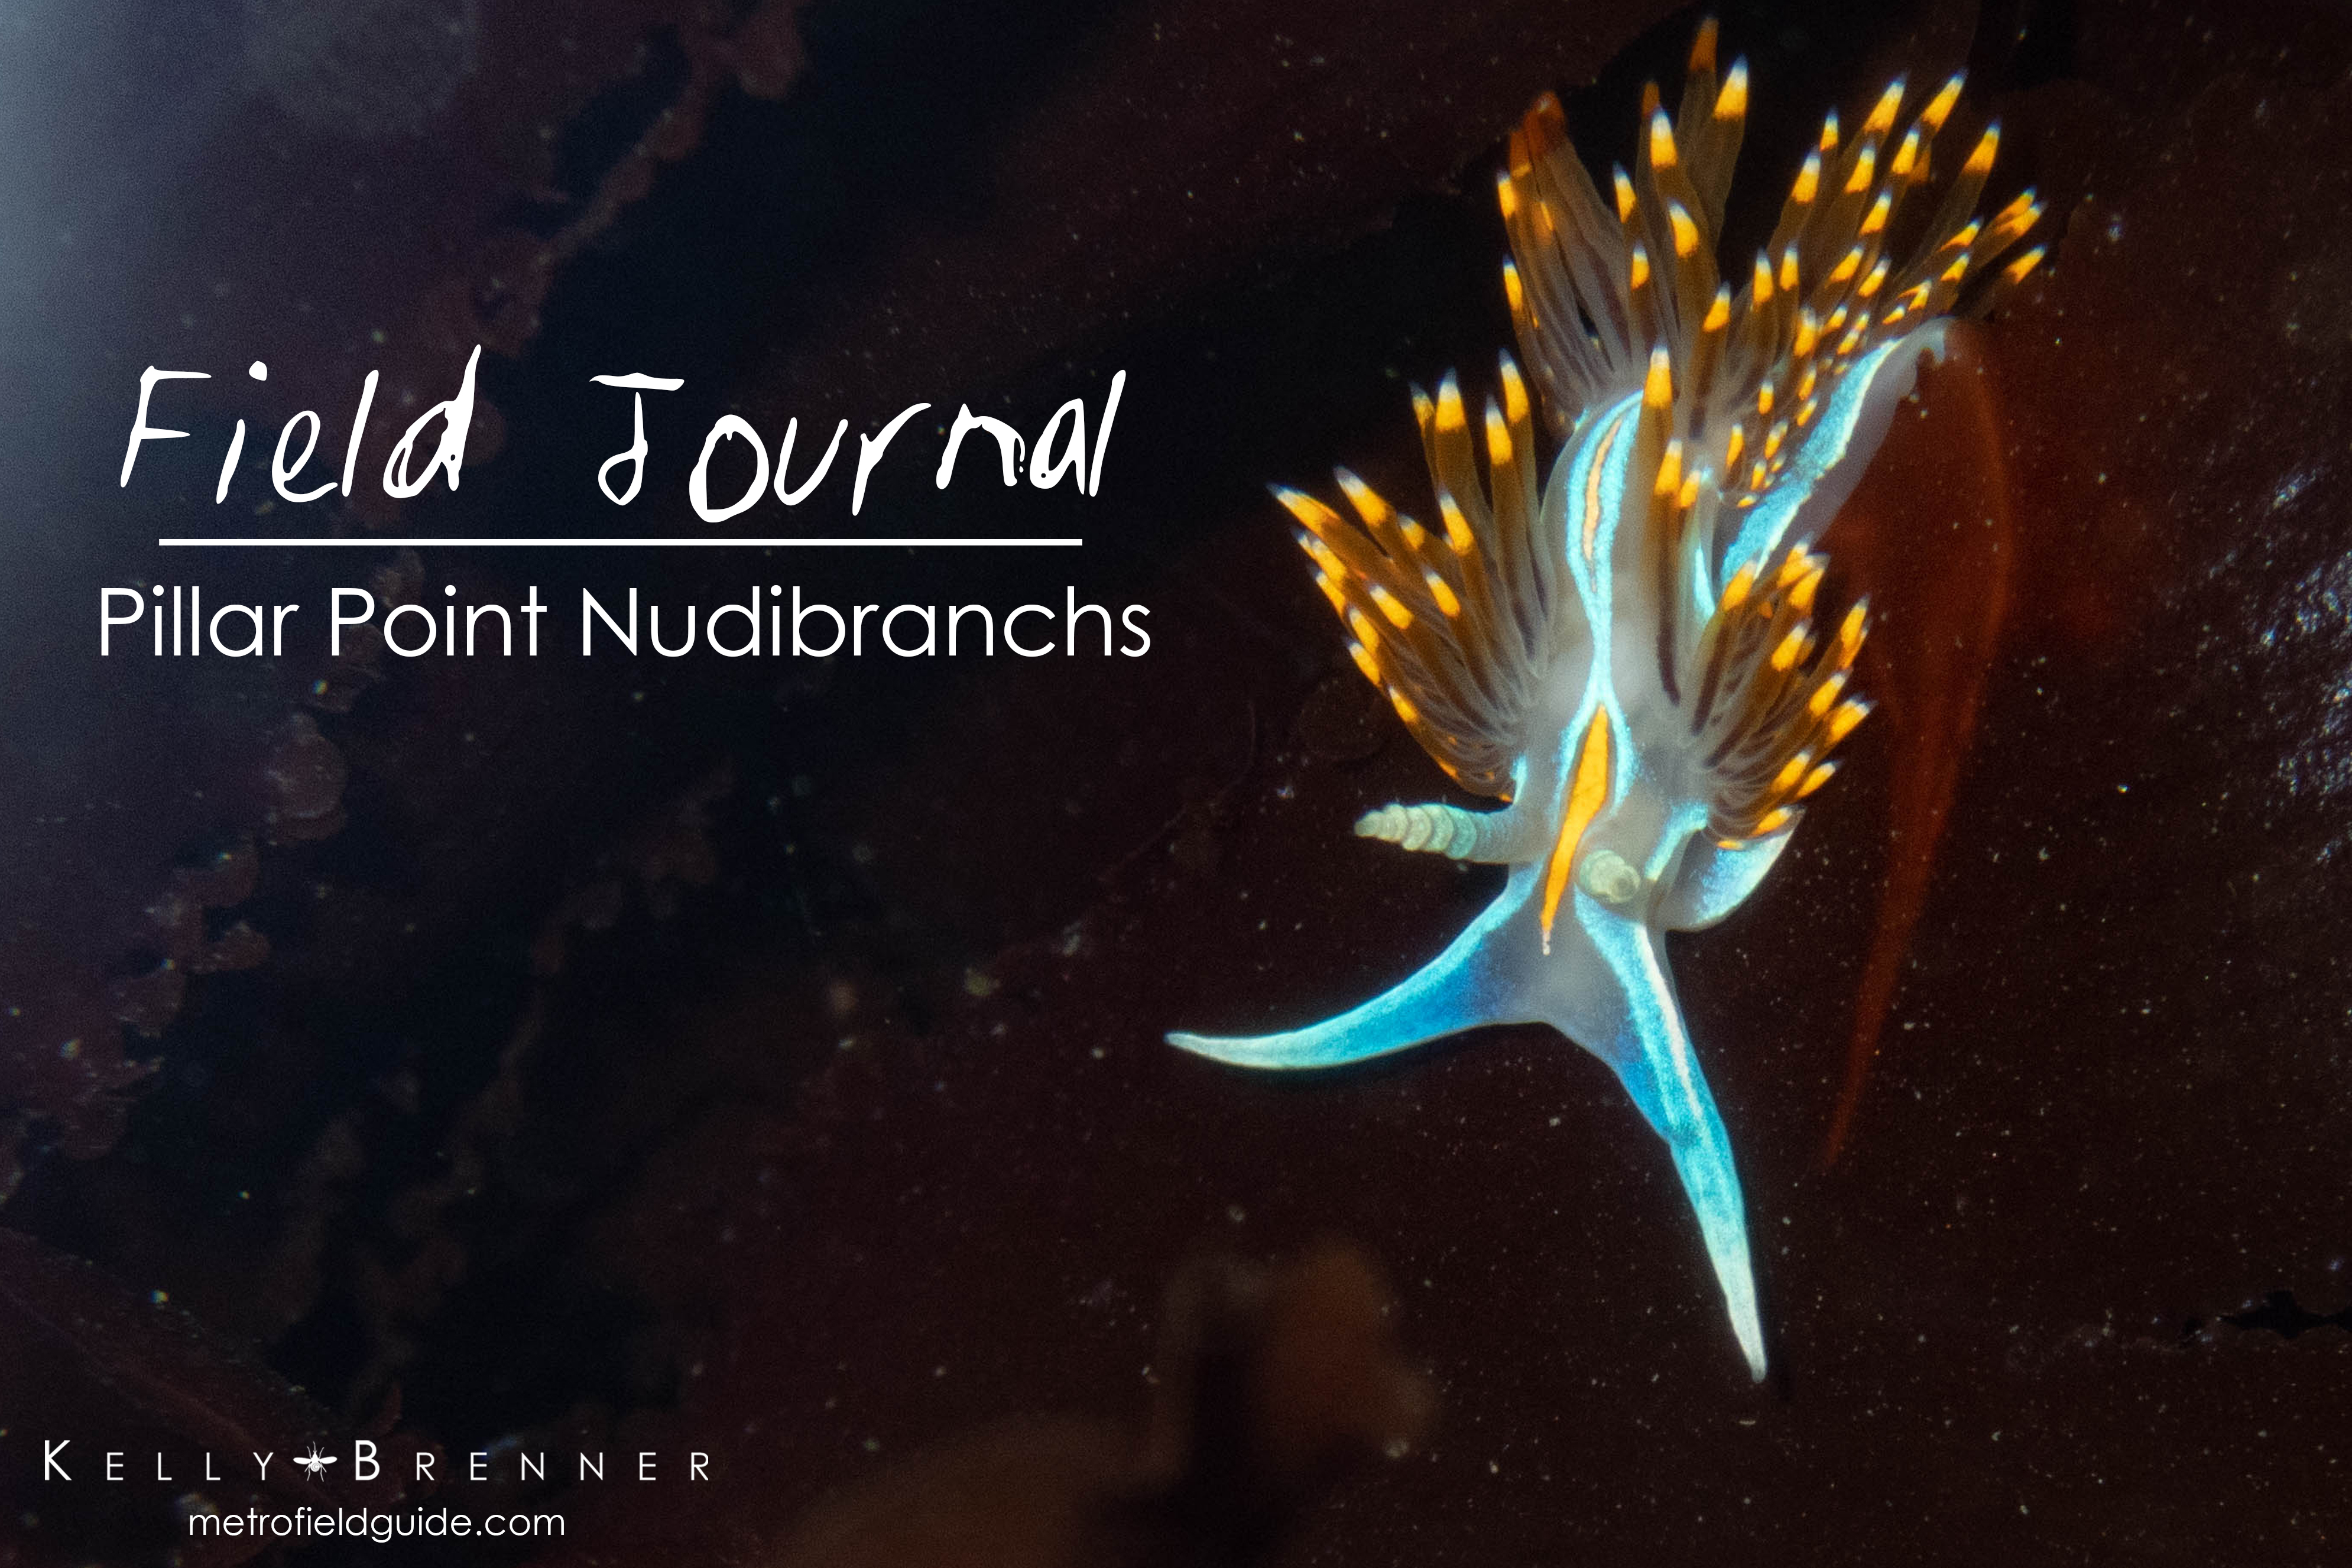 Field Journal: Pillar Point